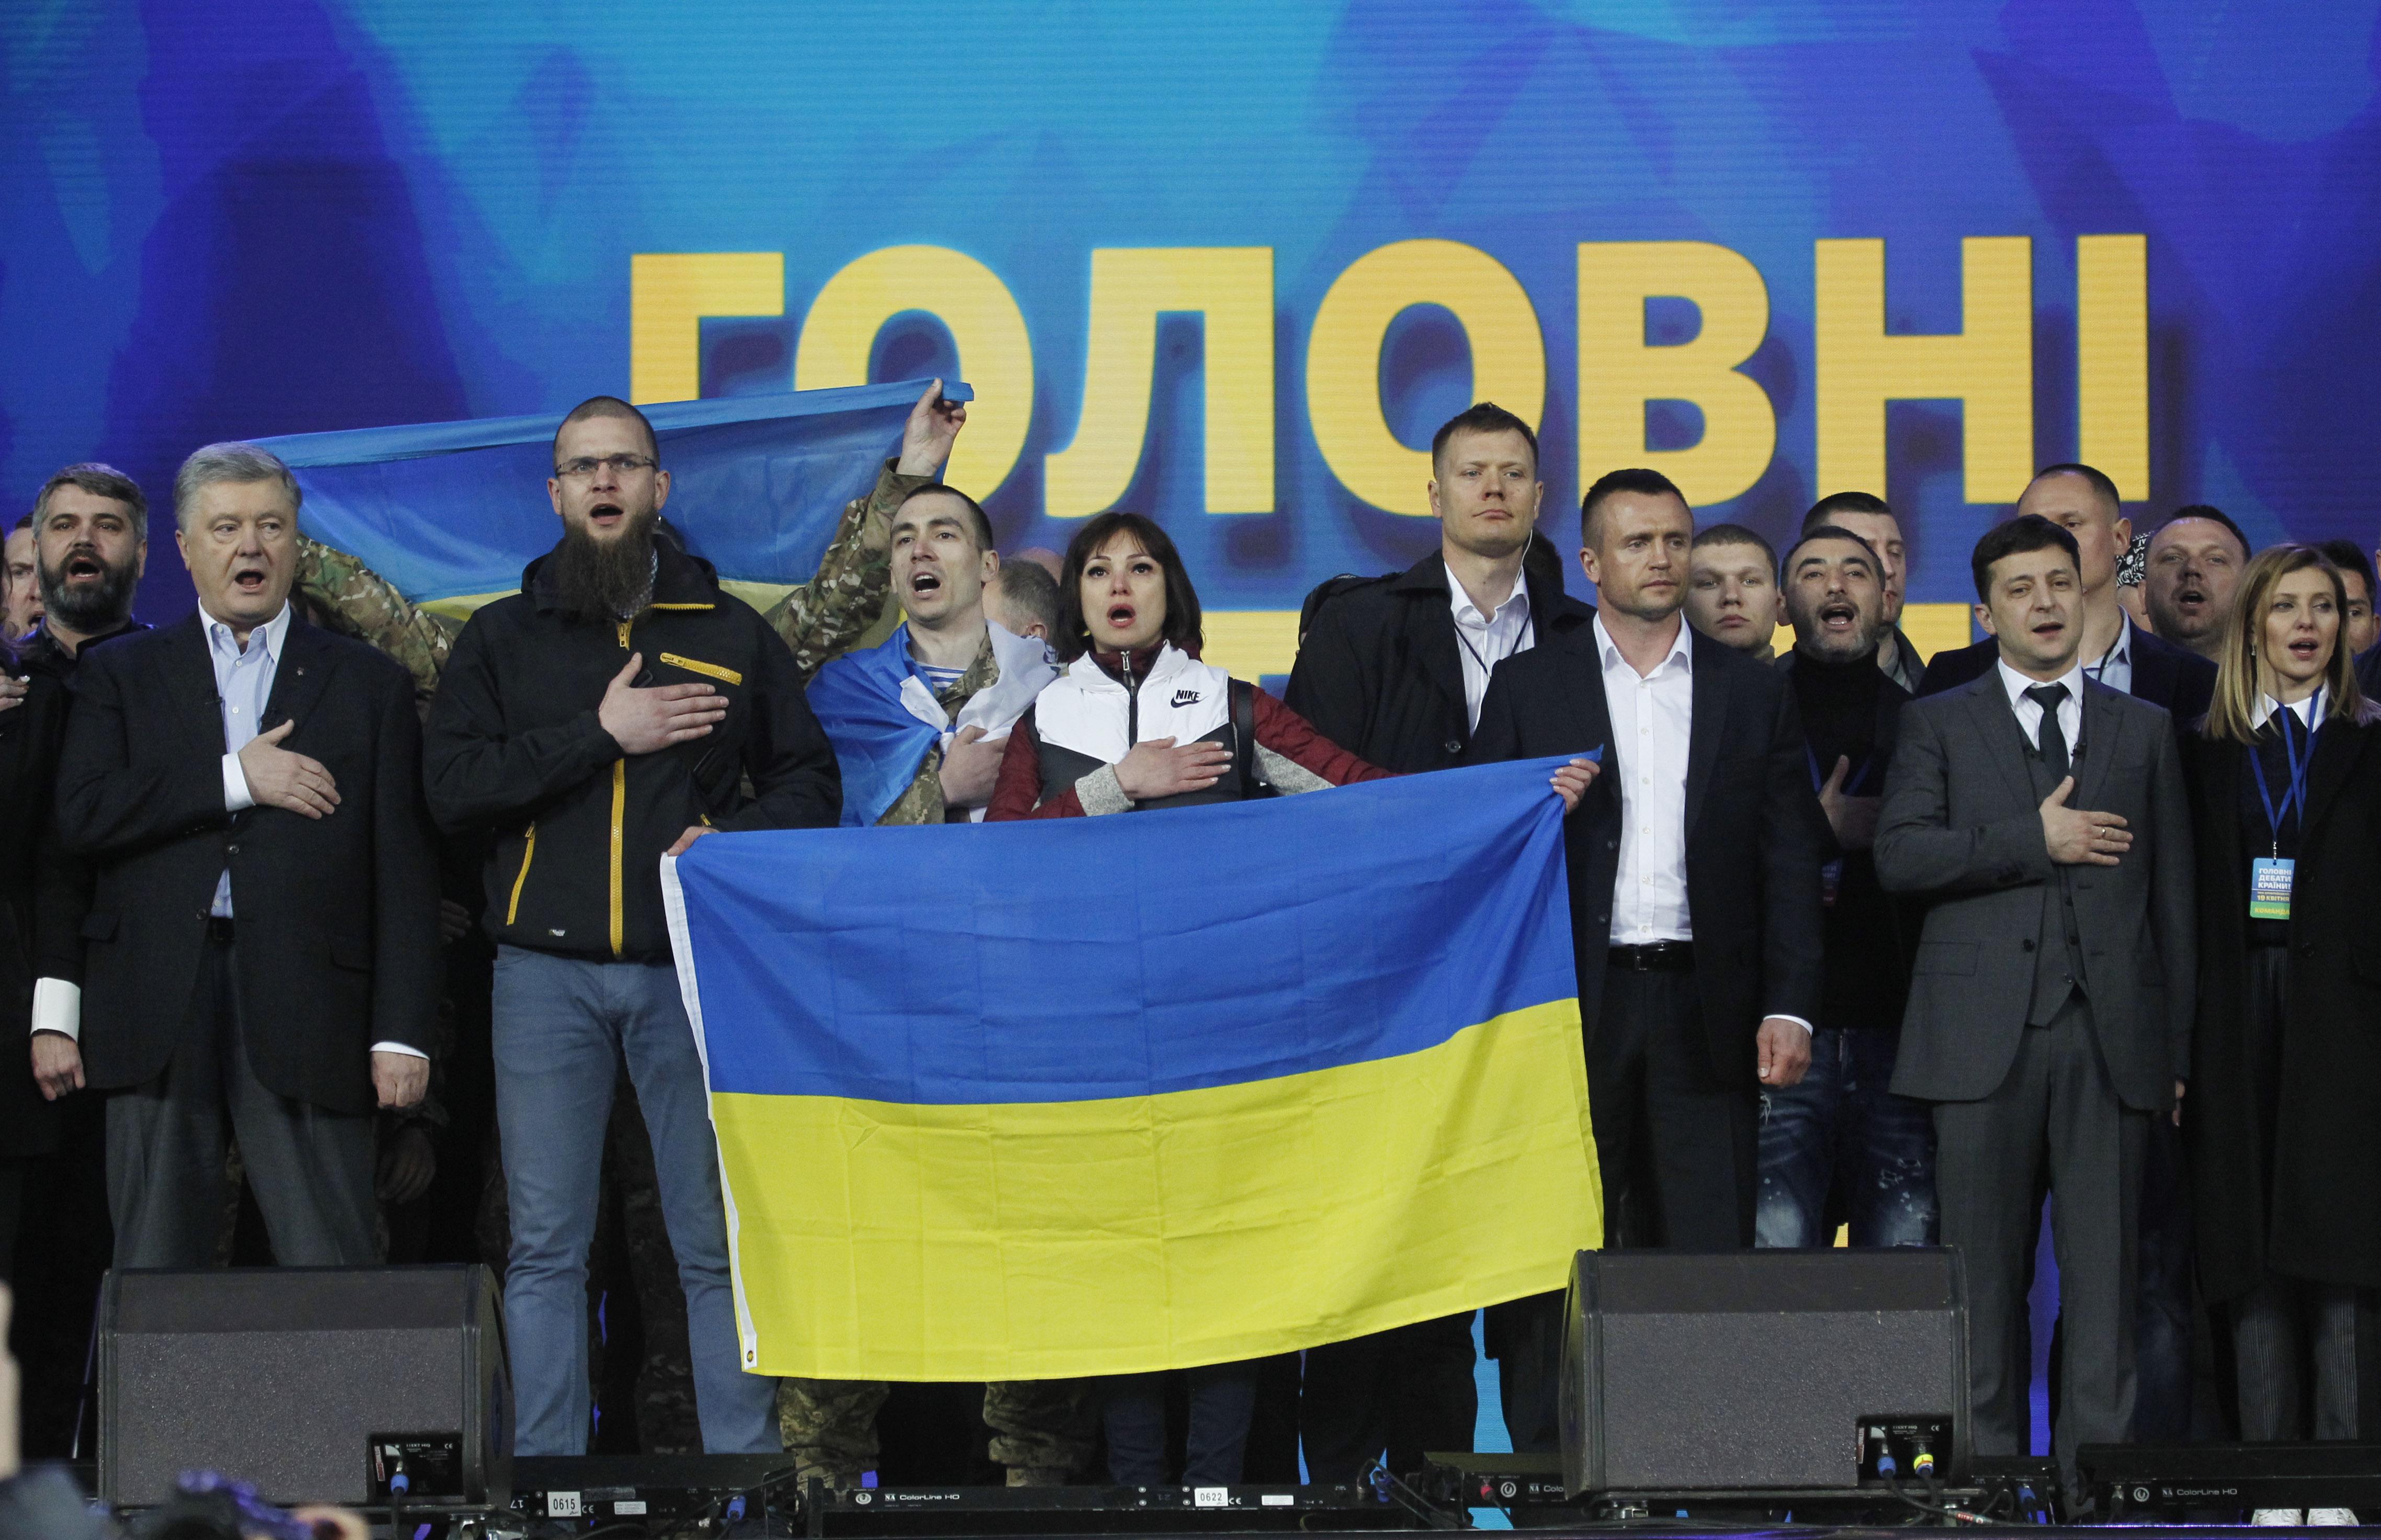 乌克兰大选辩论 泽连斯基邀波罗申科一同下跪